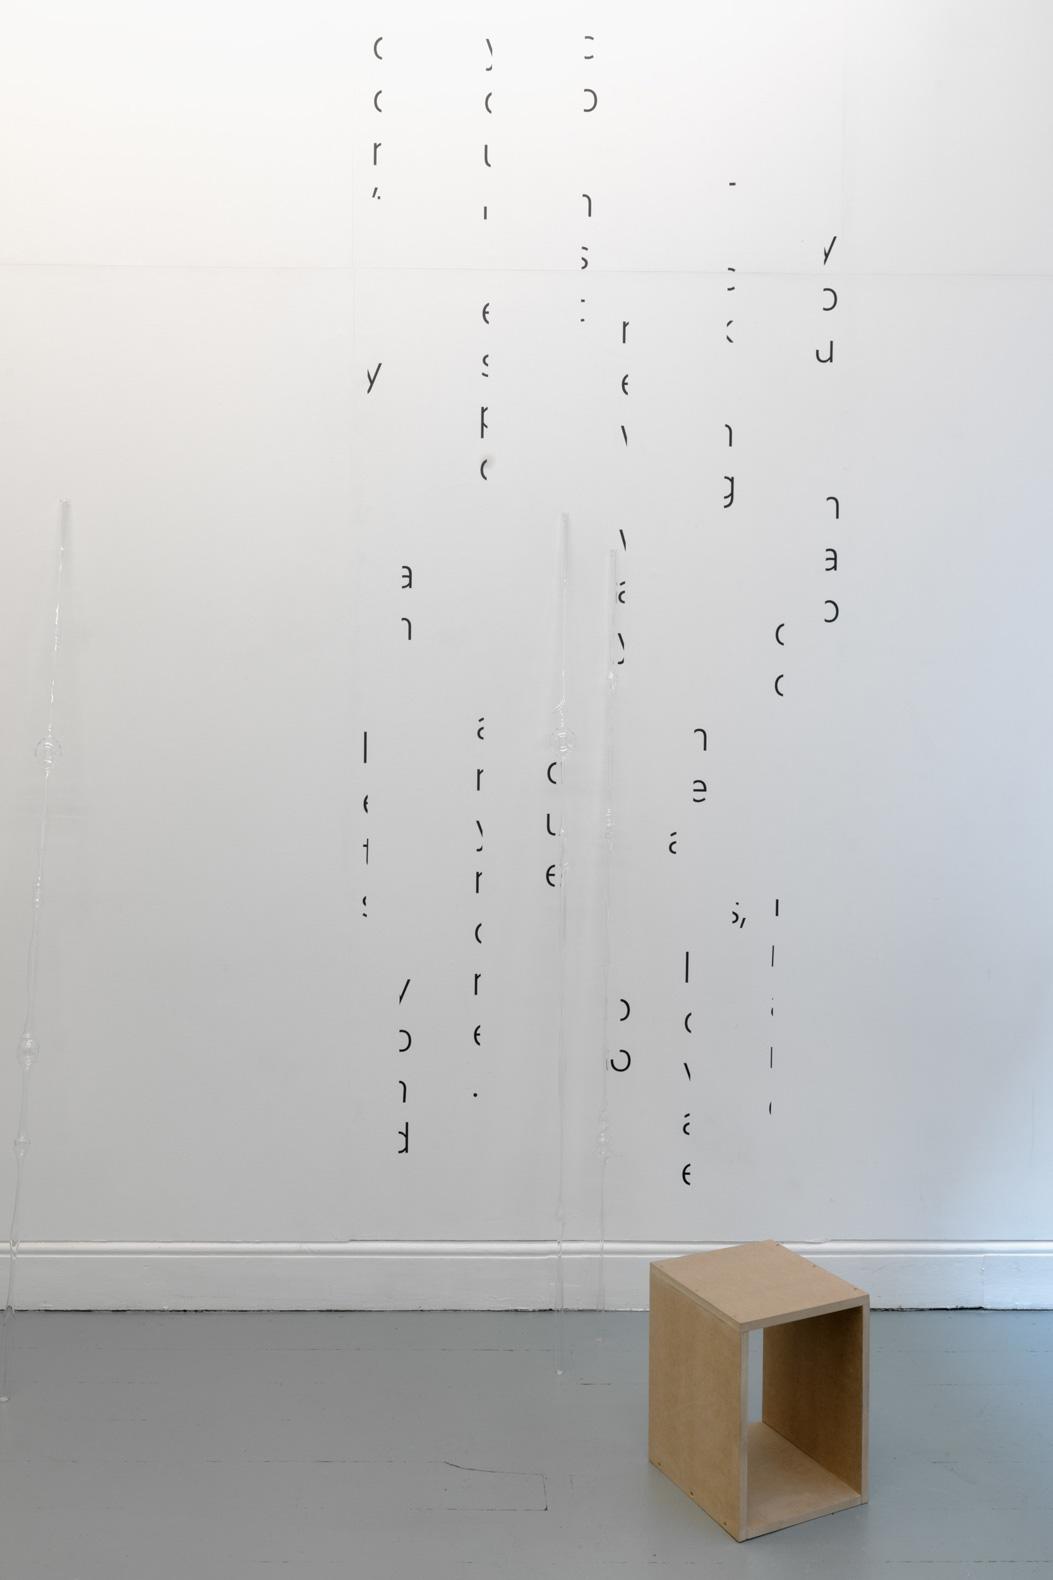 Ilona Sagar, 'Haptic Skins of a Glass Eye', 2015.